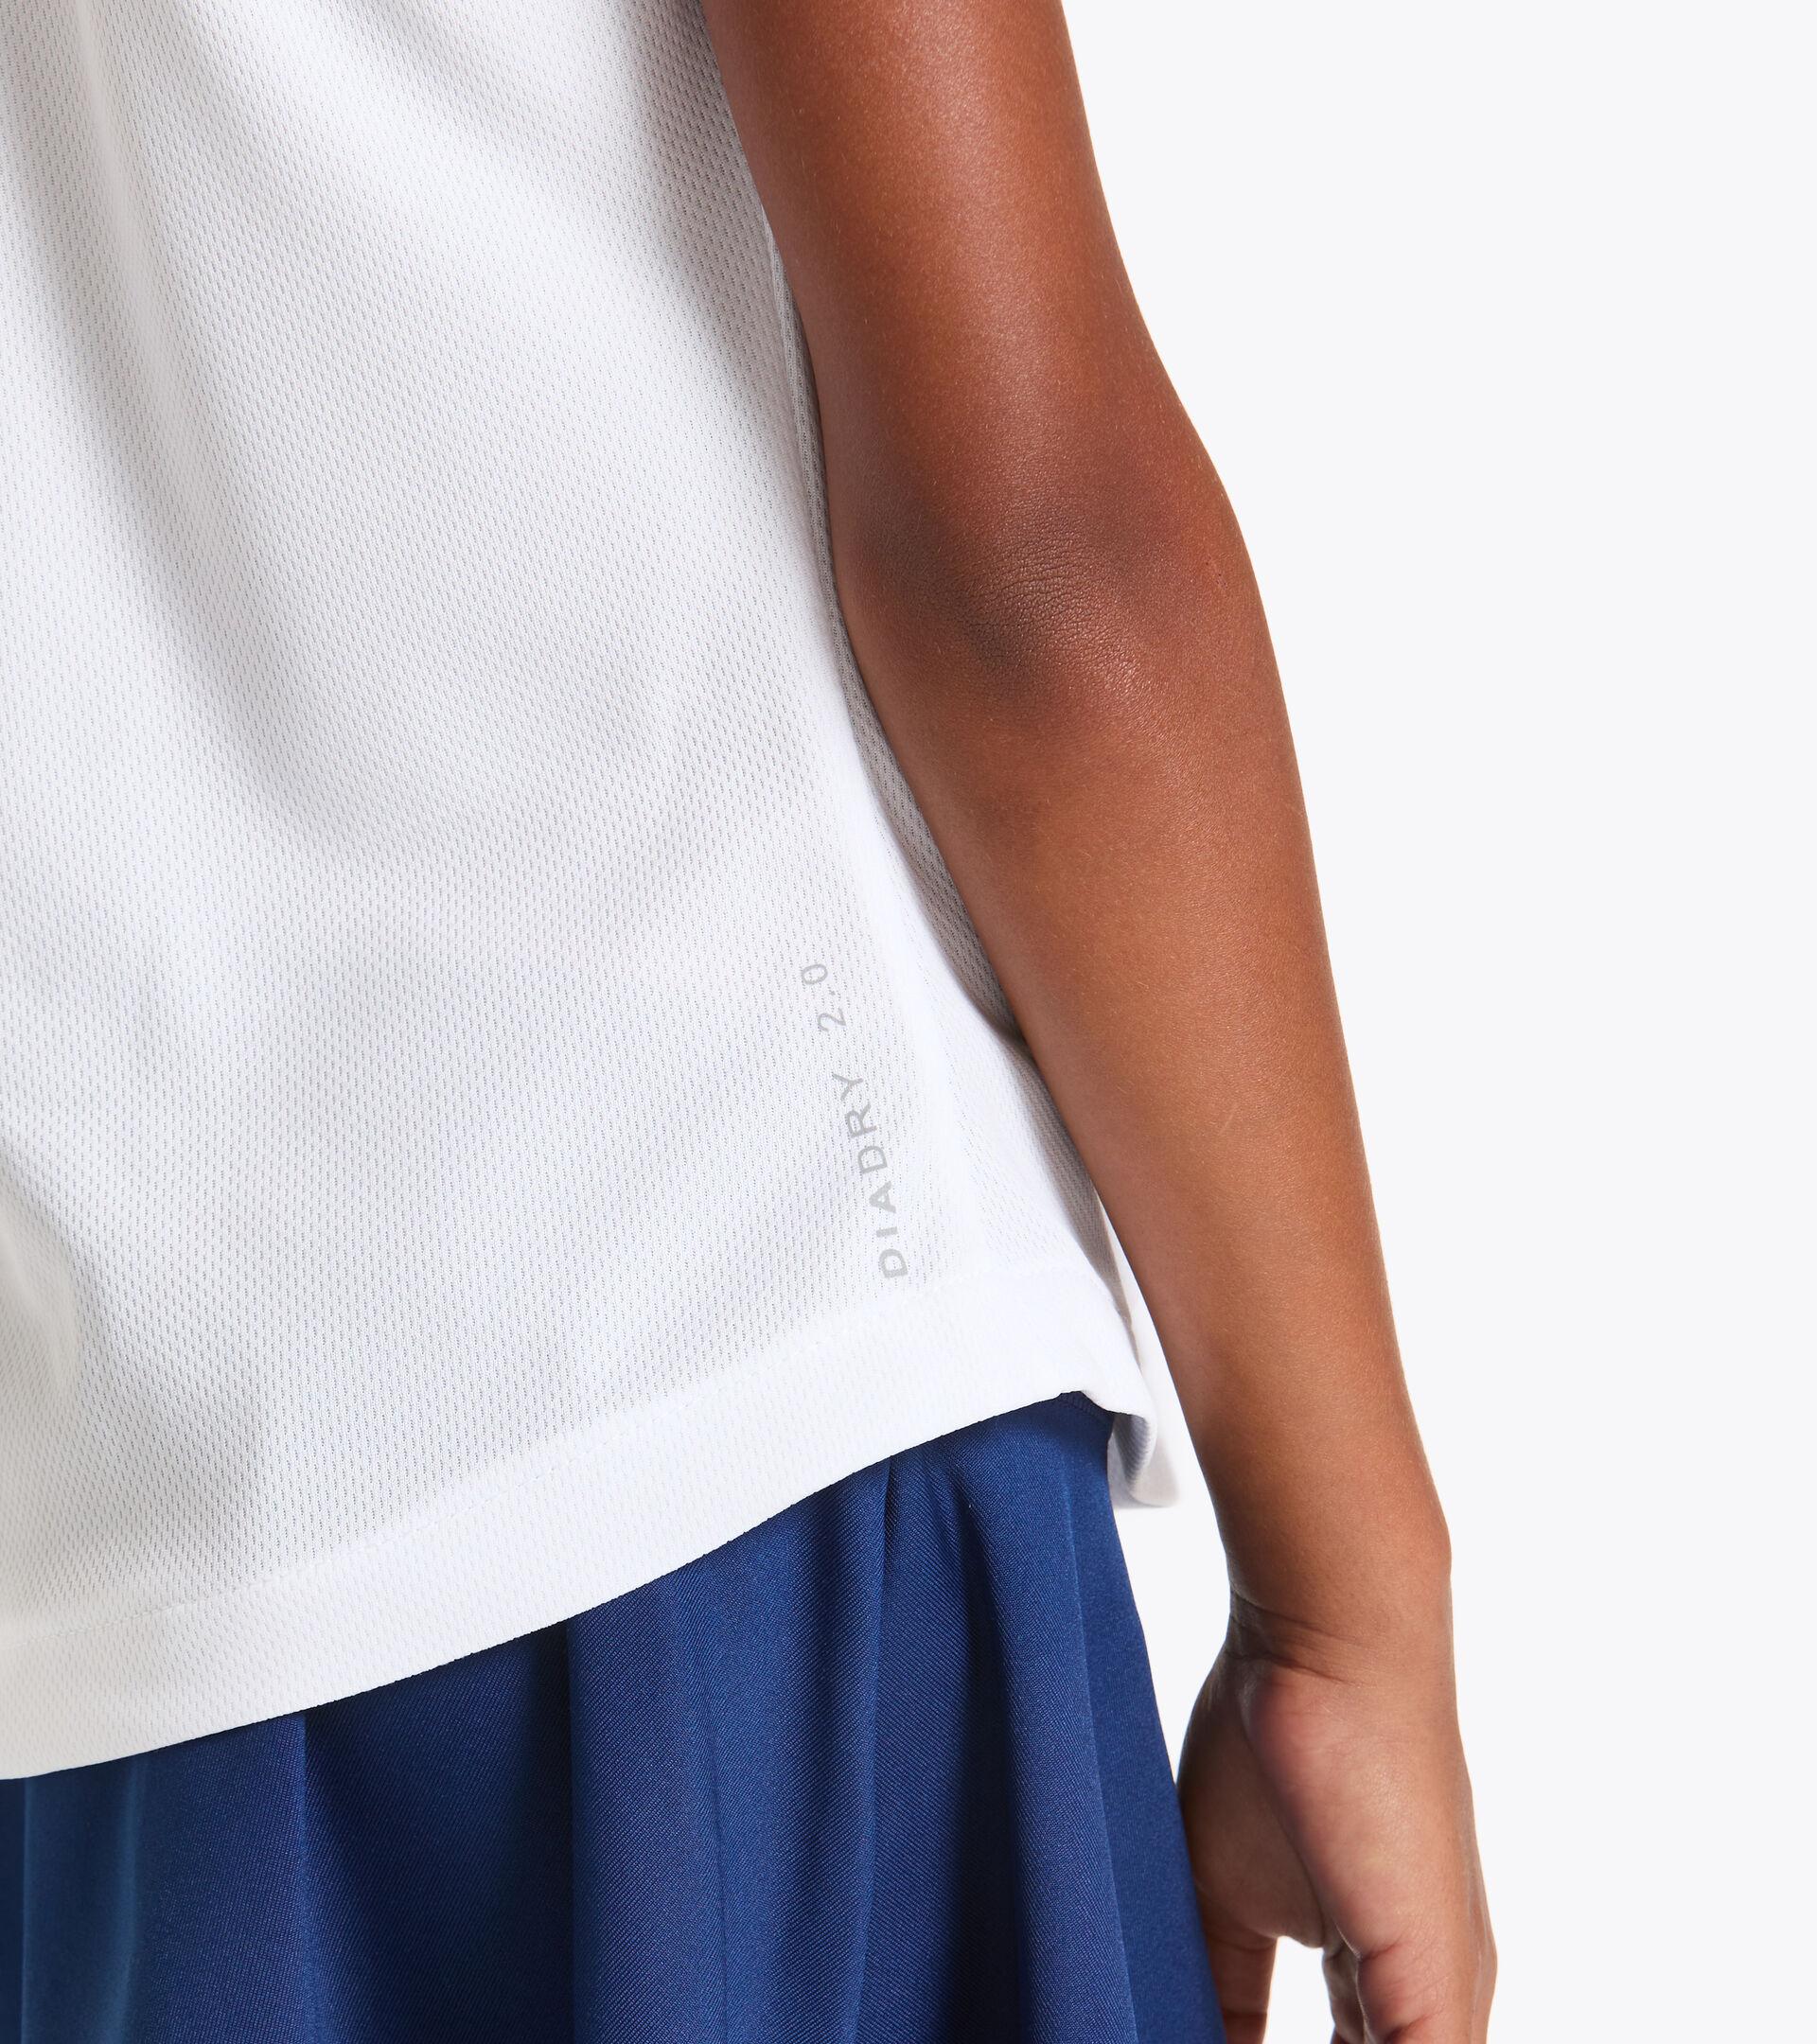 Camiseta de tenis - Junior G. T-SHIRT COURT BLANCO VIVO - Diadora